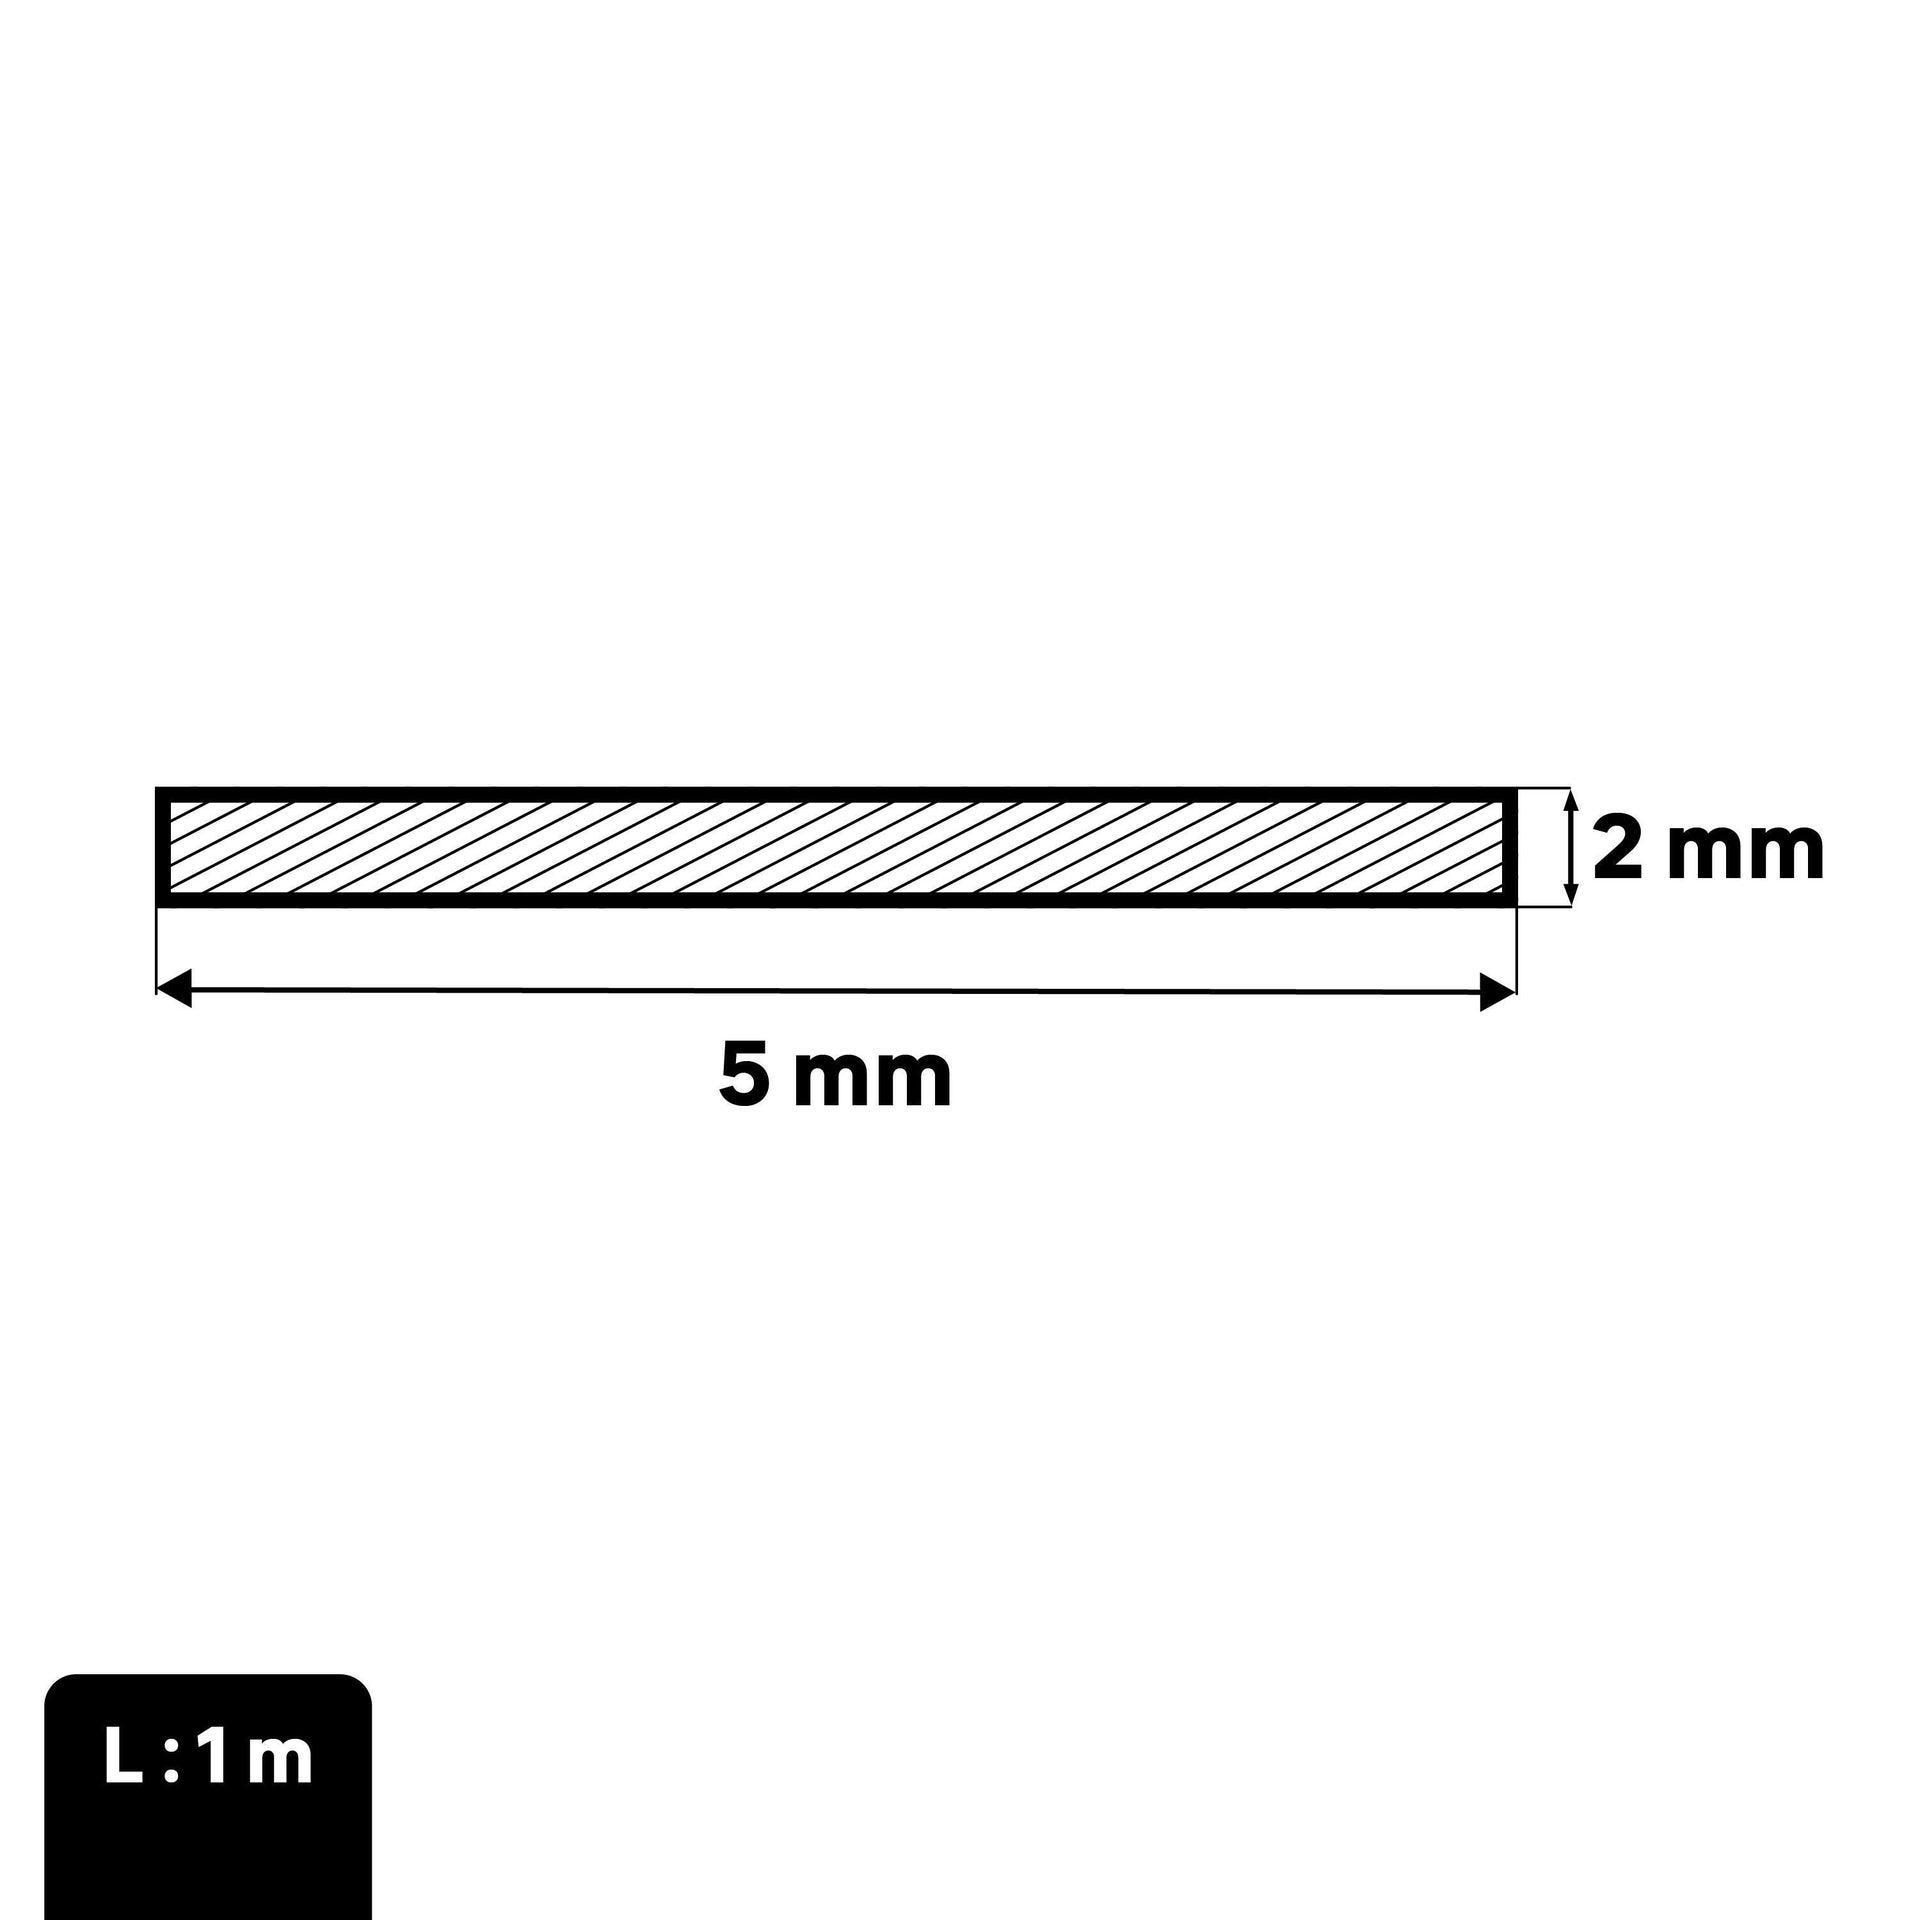 Profilo piatto STANDERS in alluminio 1 m x 0.5 cm grigio - 2